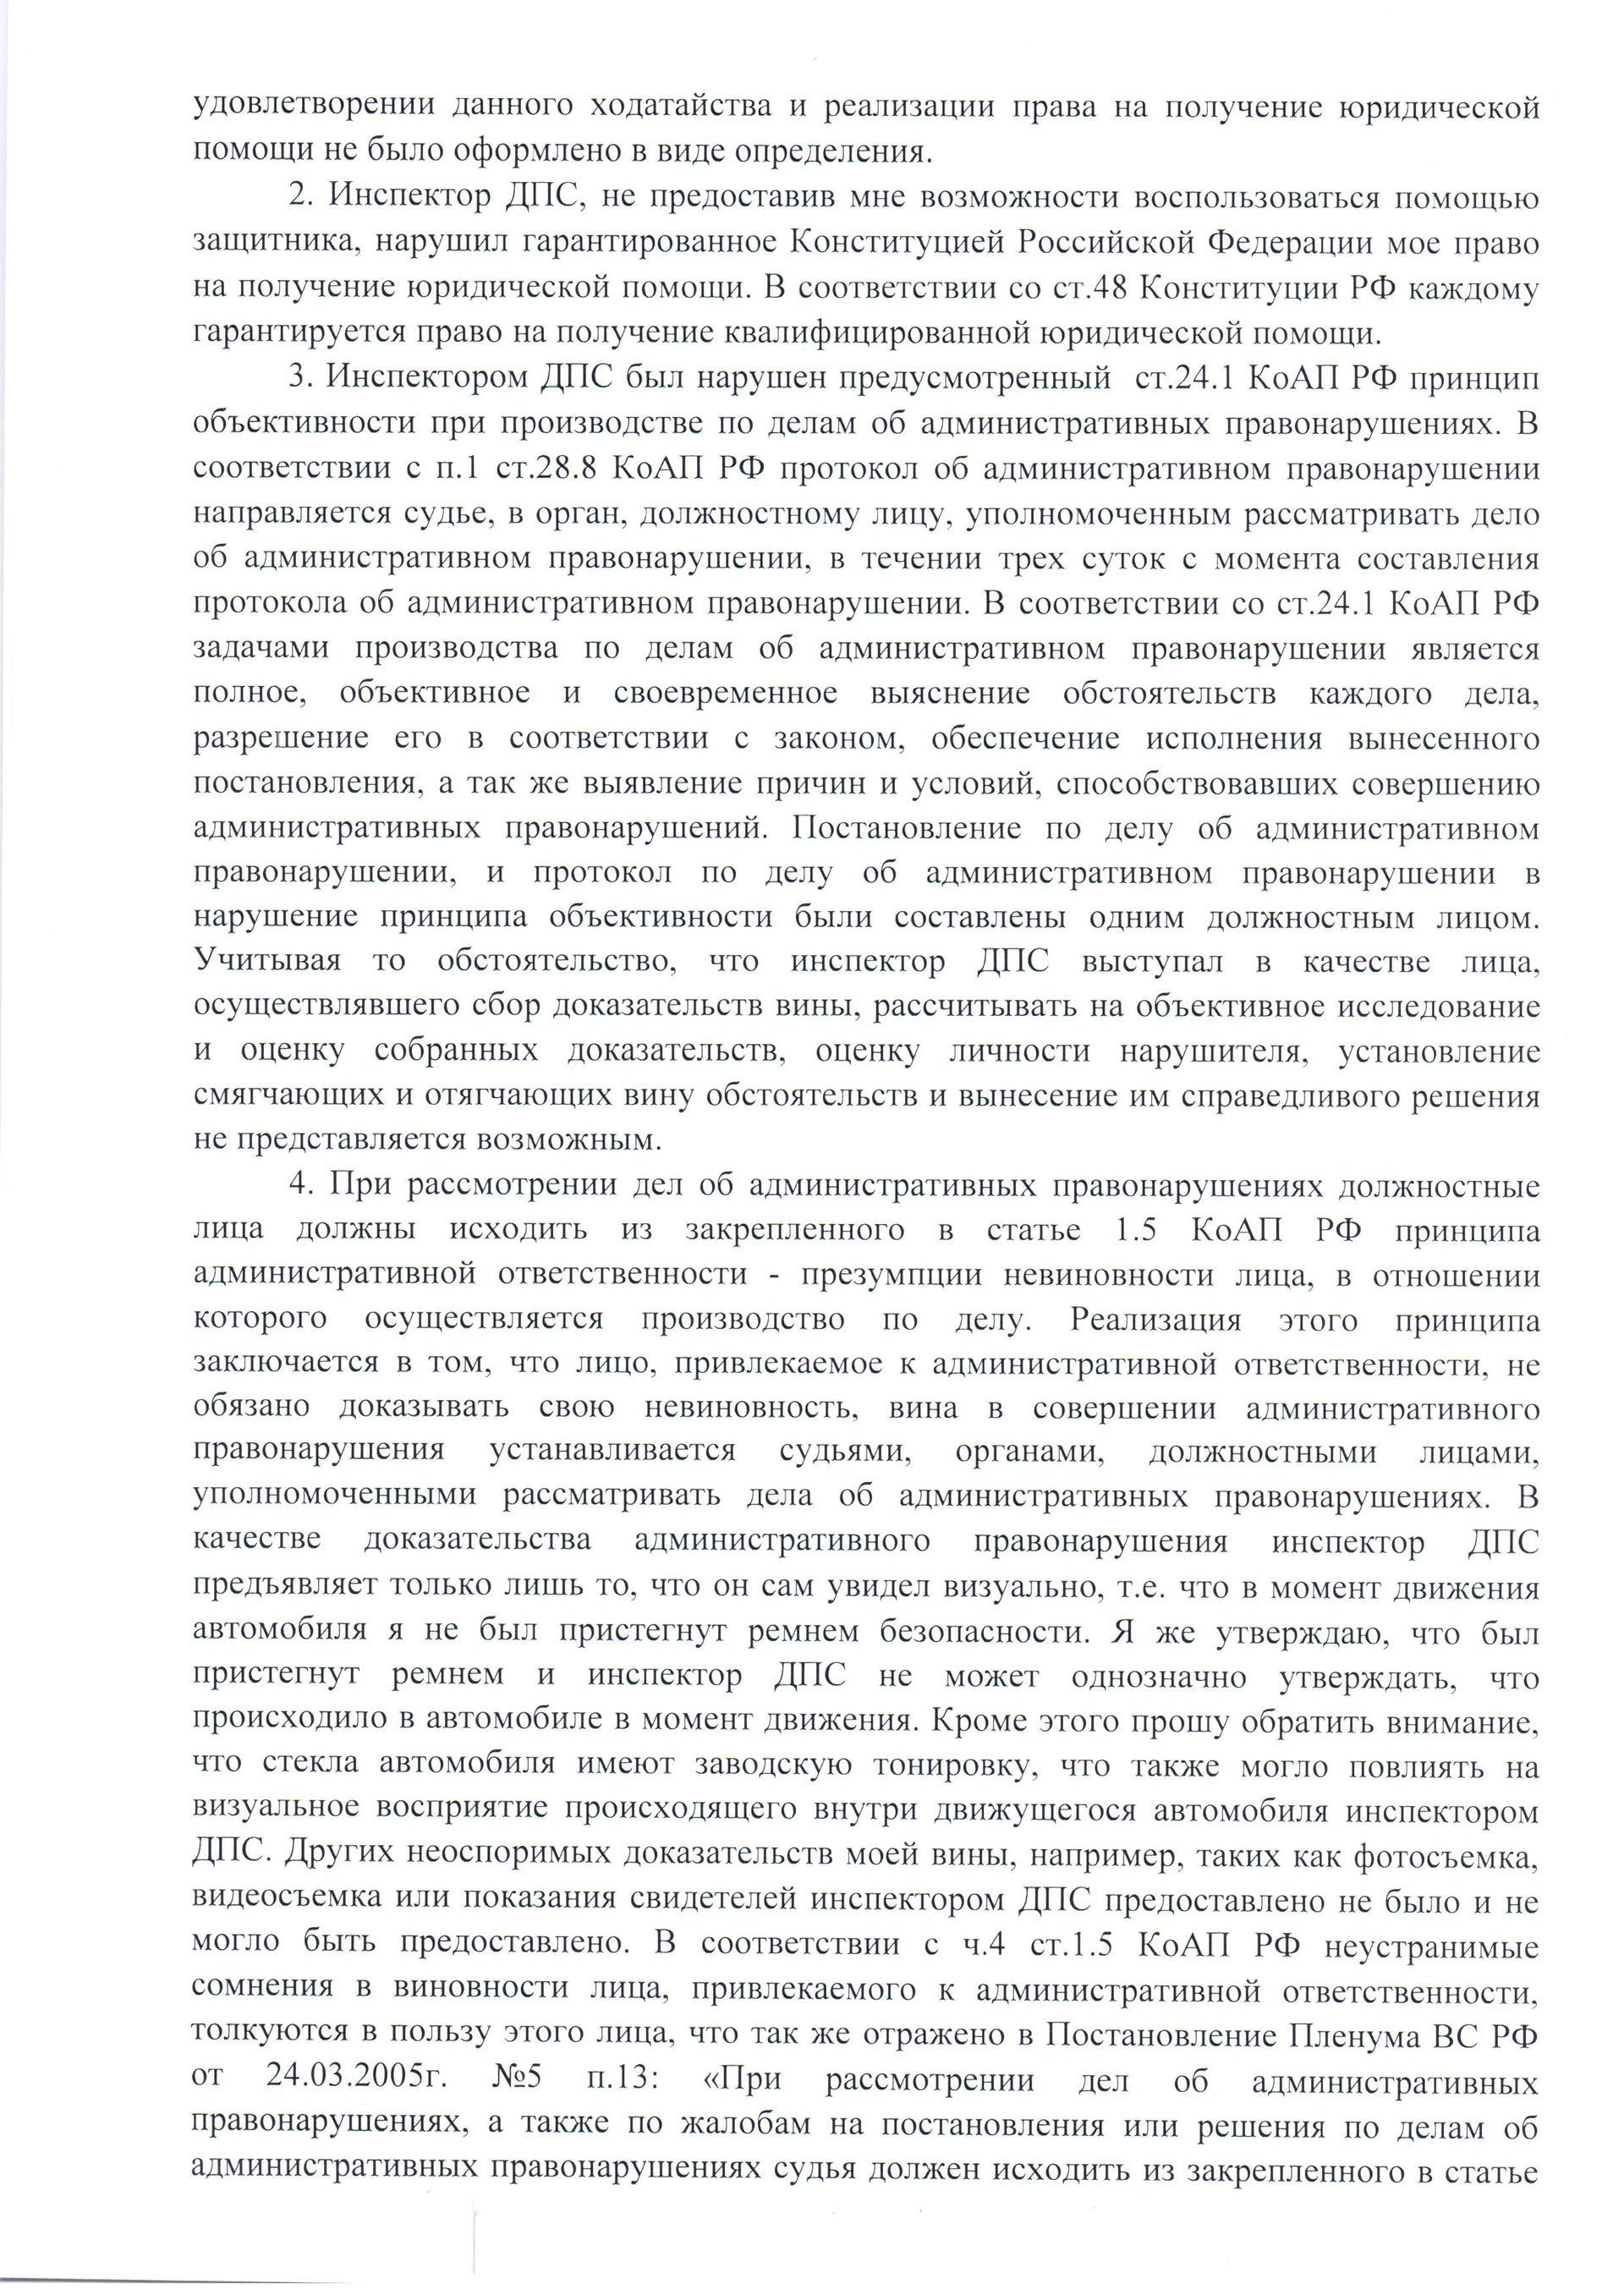 h образцы бланков протоколов и постановлений гаи